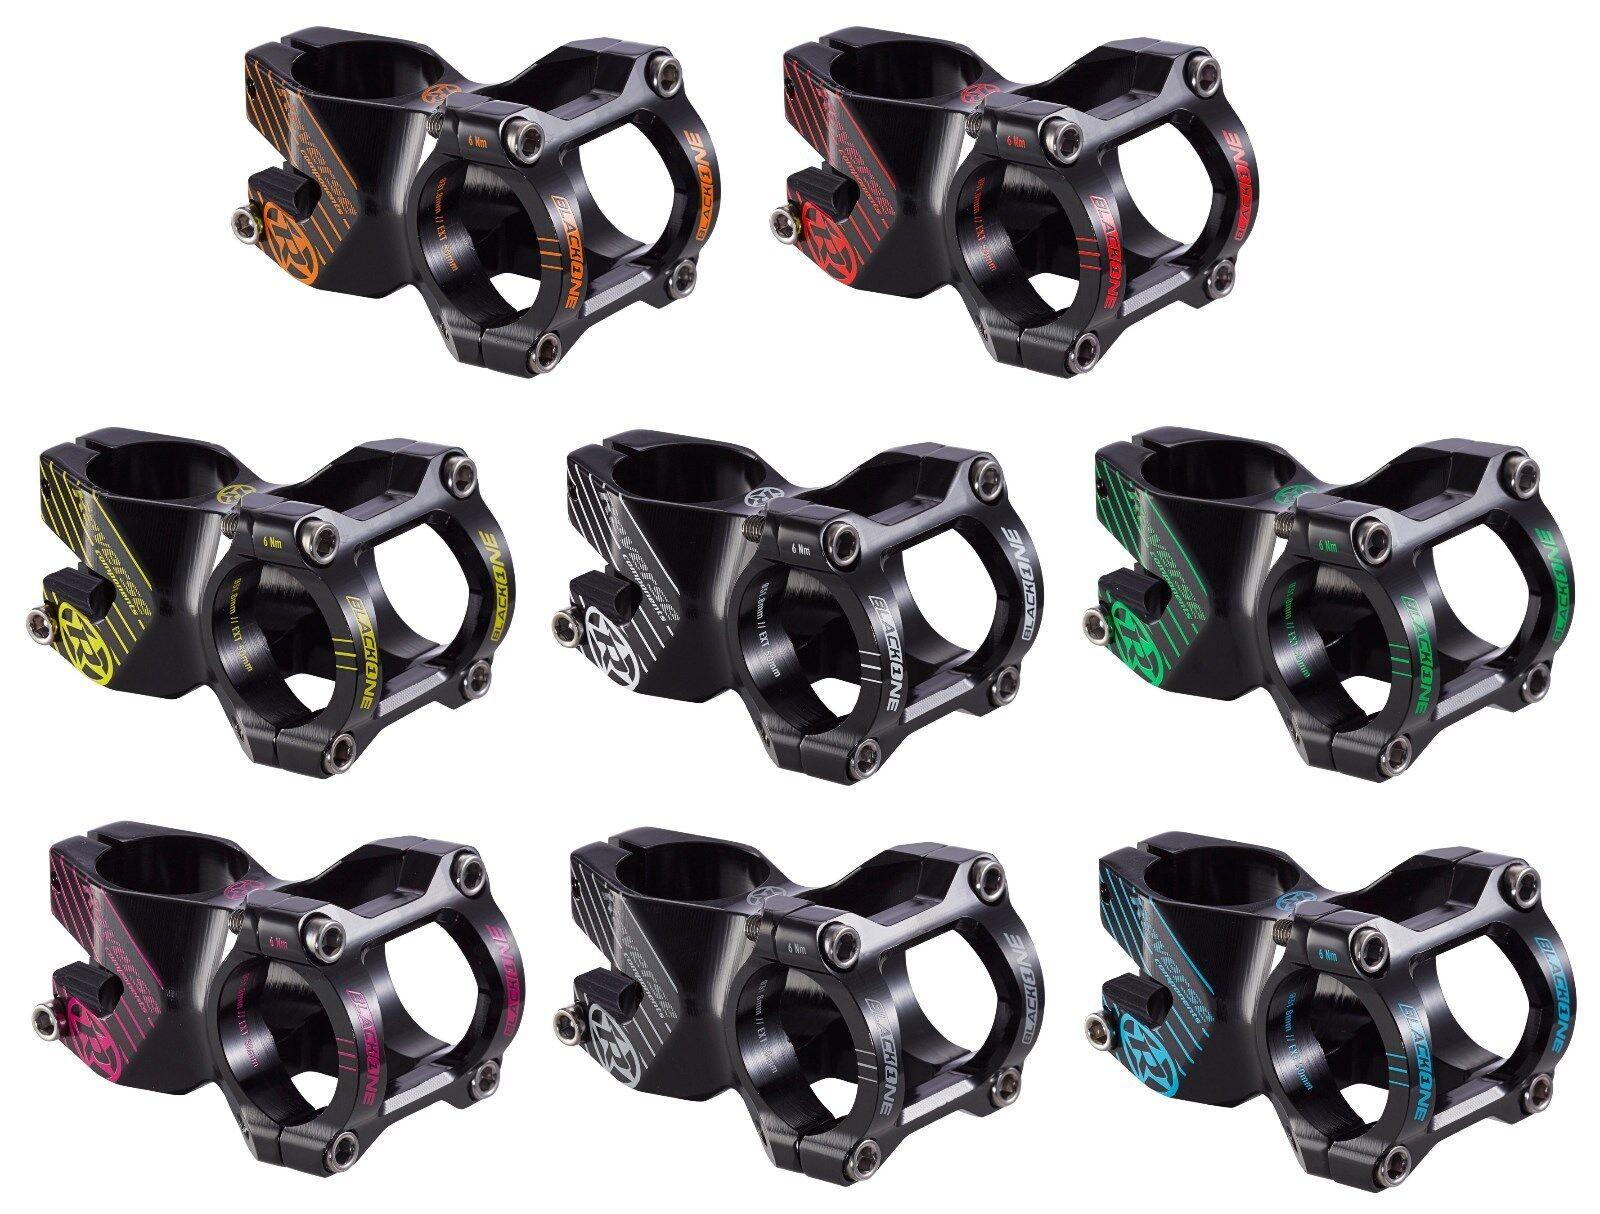 Potence REVERSE black ONE 50 mm pour 31,8 mm GUIDON EN DIVERS color